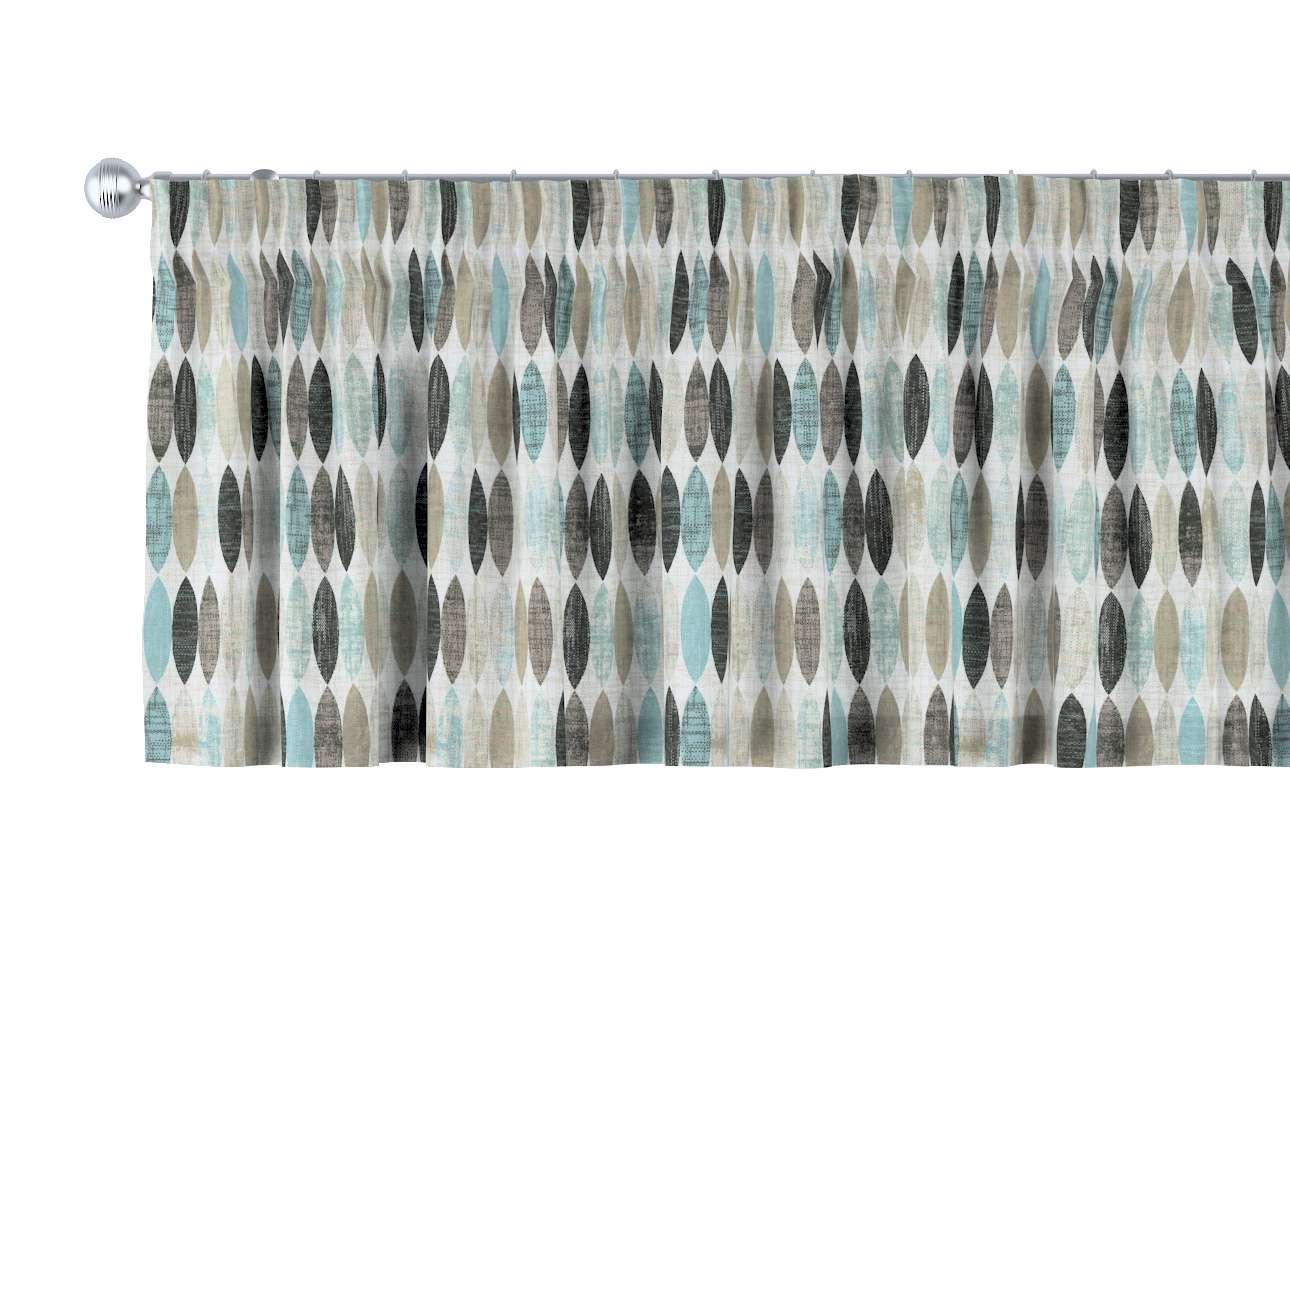 Kurzgardine mit Kräuselband von der Kollektion Modern, Stoff: 141-91